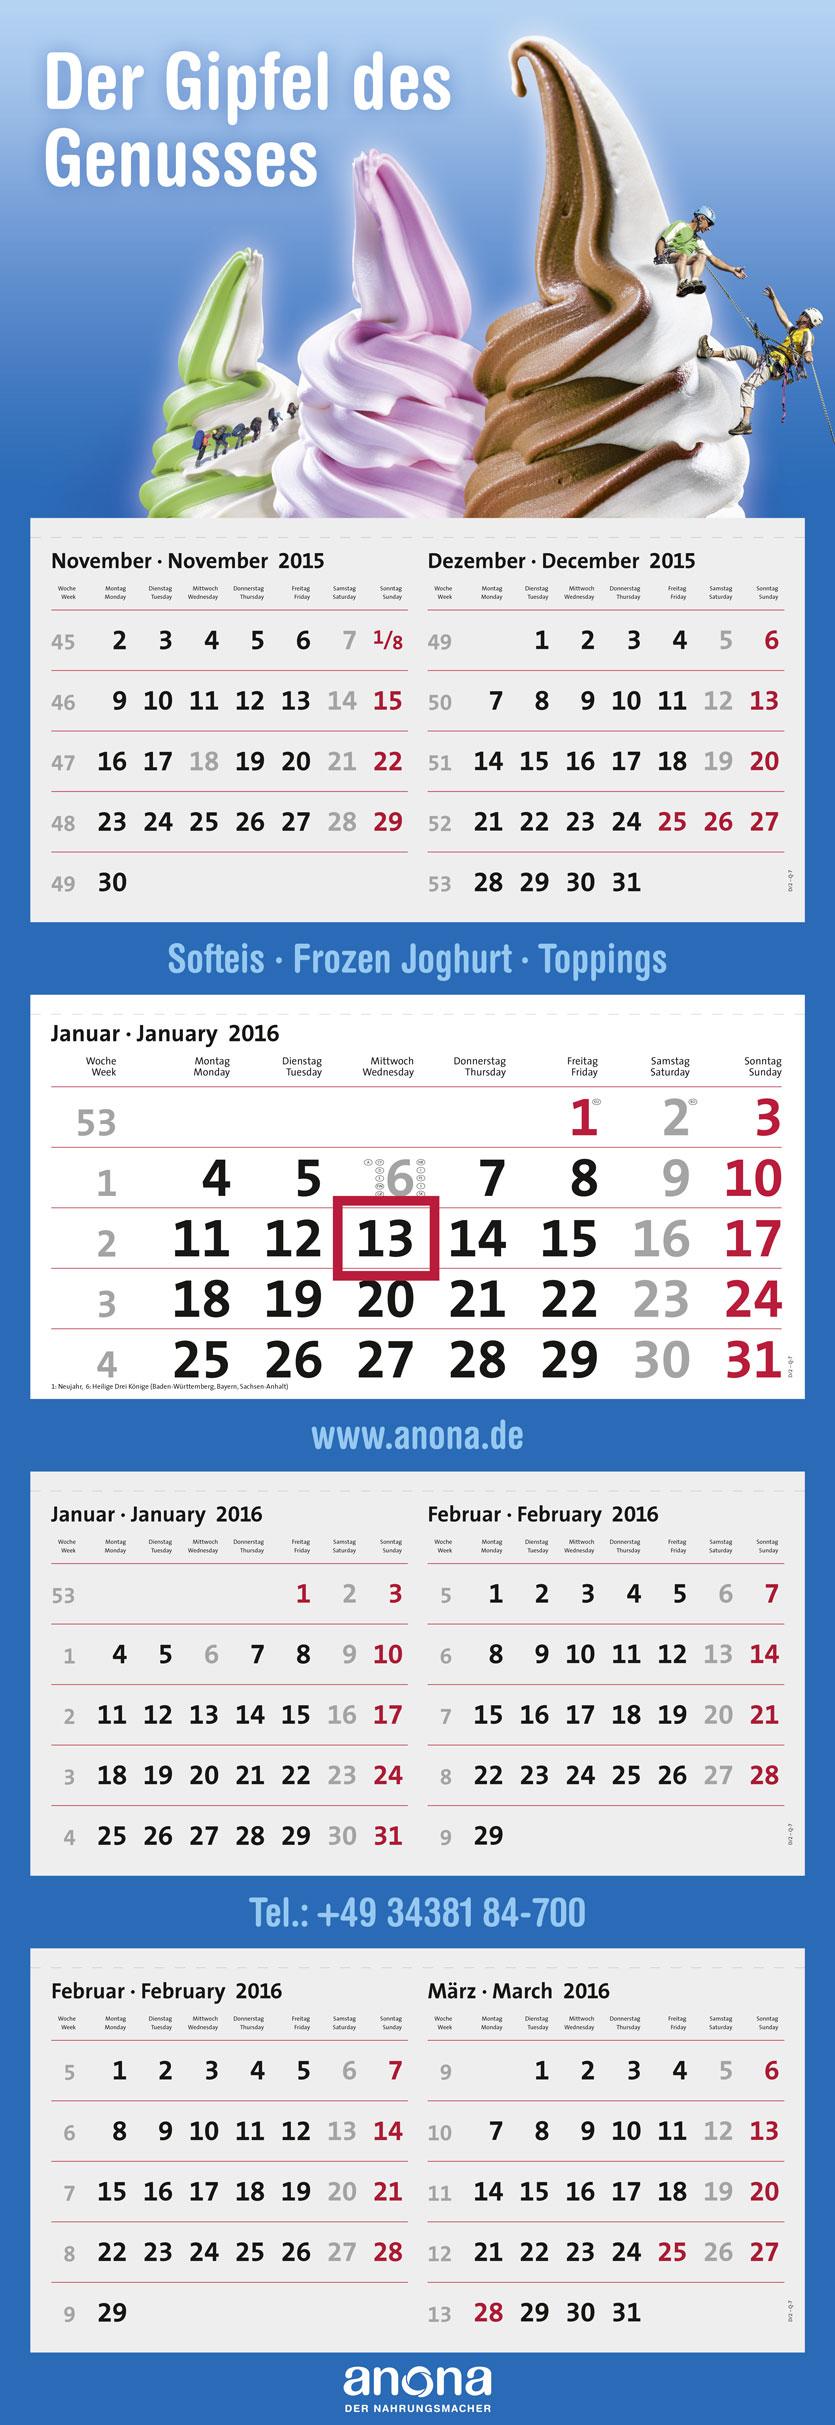 terminic 7-Monatskalender mit Sinalco und imbach Beispielmotive